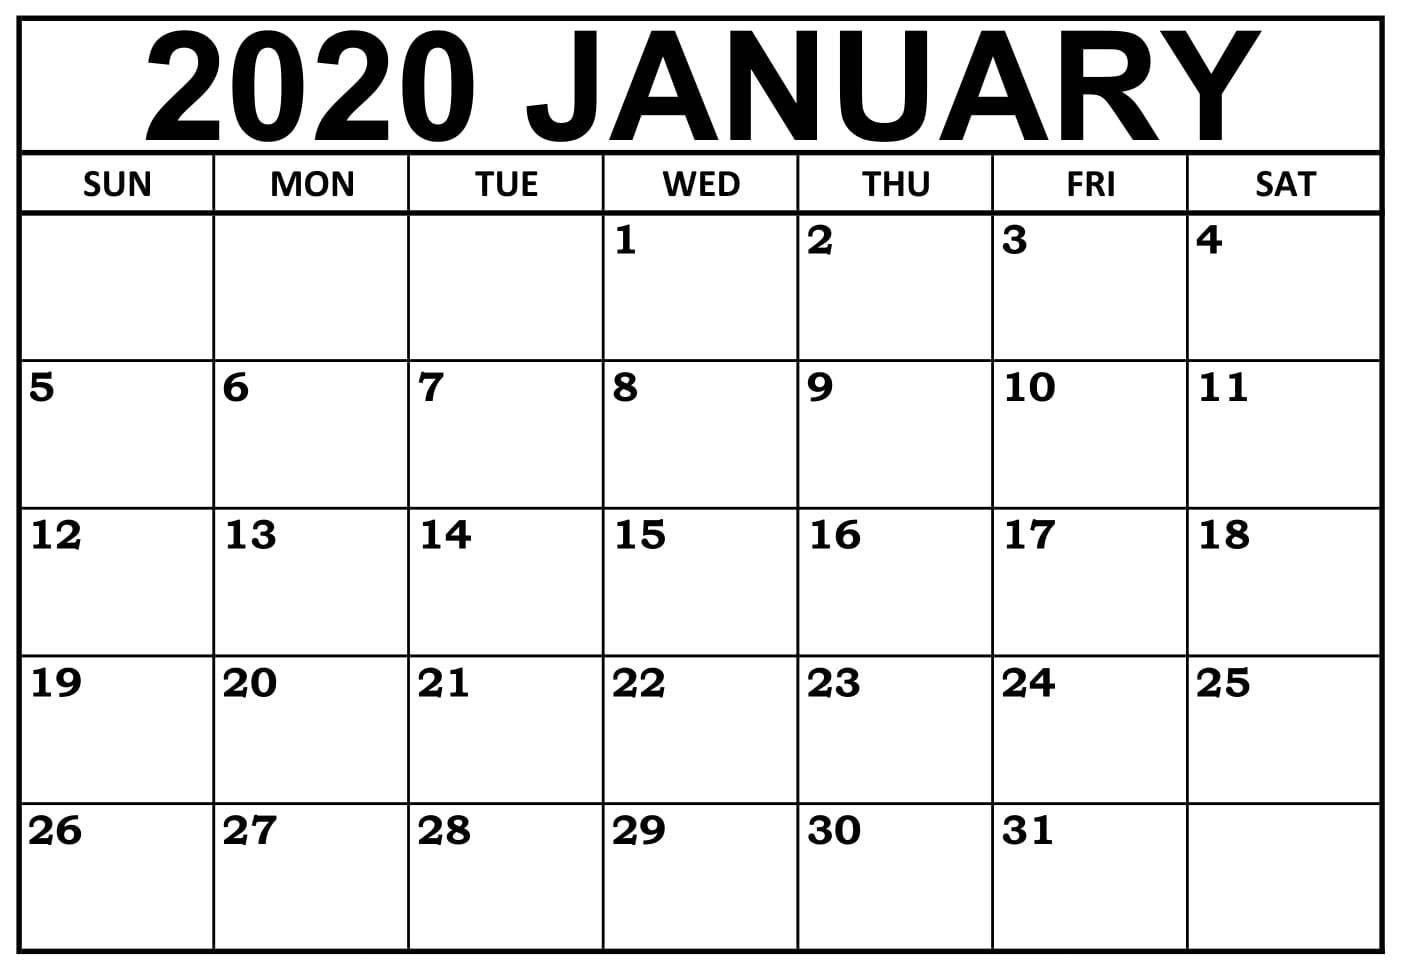 January 2020 Calendar Nz (New Zealand) - 2019 Calendars